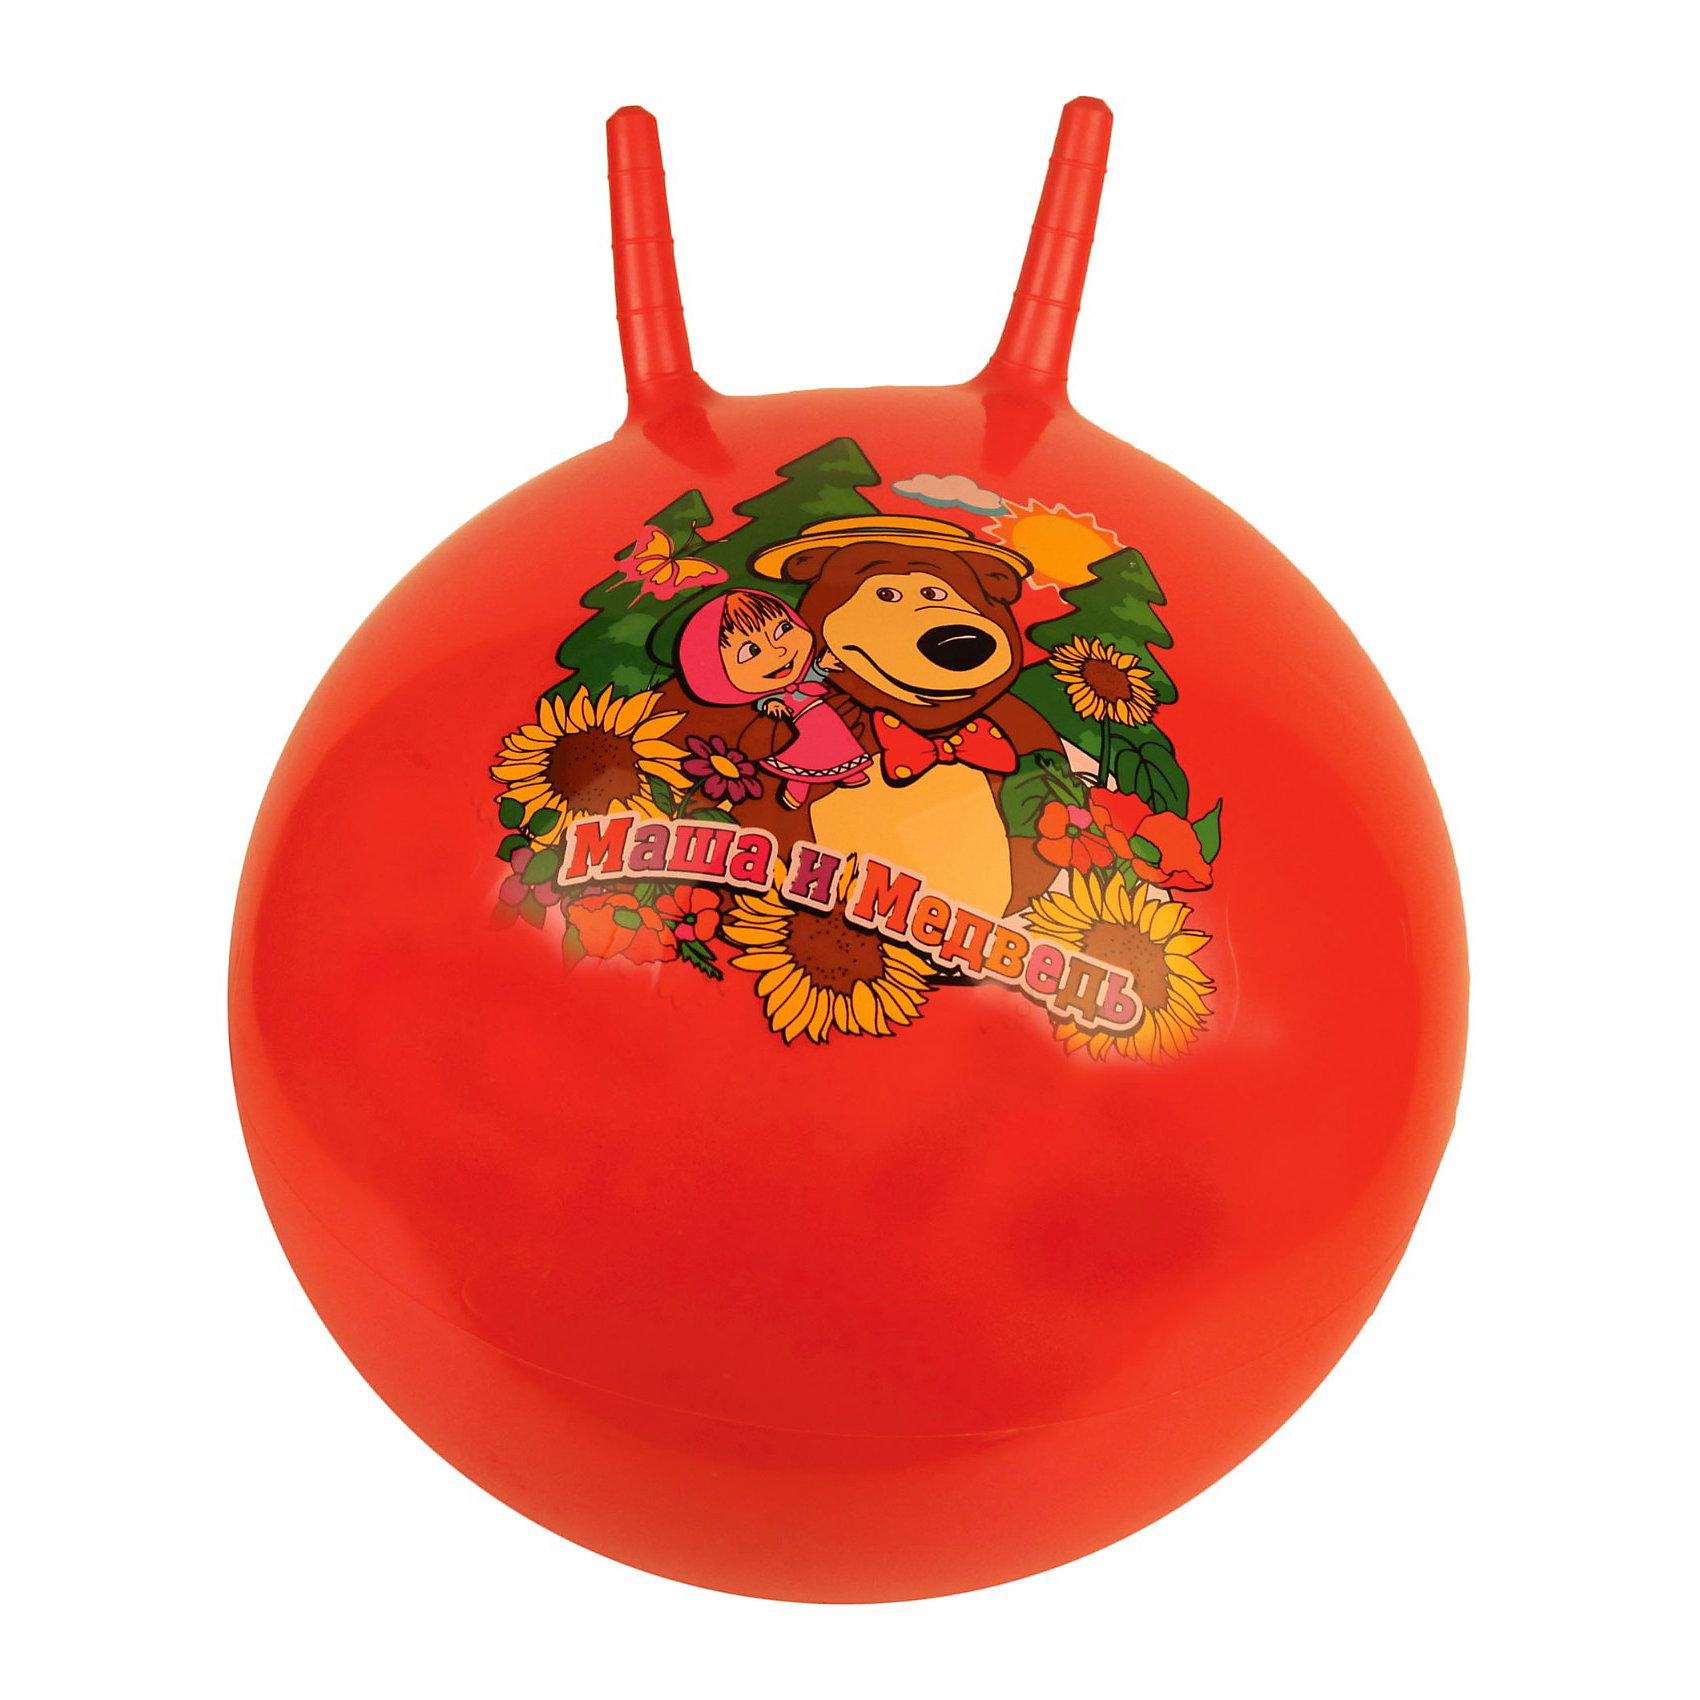 Мяч-прыгун, 55 см, Маша и медведьИгрушки<br>Мяч-прыгун c рожками Маша и Медведь - отличный вариант для активных игр. Прыжки на мяче способствуют коррекции и правильному формированию осанки, укрепляют различные группы мышц, развивают чувство равновесия, координацию и оптимизируют двигательную активность ребенка. Благодаря рожкам за мяч удобно держаться при прыжках и он не выскользнет. Яркая окраска и герои любимого мультика сделают Мяч-прыгун любимой игрушкой Вашего малыша!<br>Одна игрушка - море веселья!<br><br>Дополнительная информация:<br><br>- Мячик с рожками удобно держать в руках;<br>- Украшен героями любимого мультфильма Маша и Медведь;<br>- Диаметр: 55 см;<br>- Материал: ПВХ;<br>- Вес: 0,6 кг.<br>- Насос в комплект не входит<br>- Мяч поставляется в сдутом состоянии<br><br>Мяч-прыгун, 55 см, Маша и медведь можно купить в нашем интернет-магазине.<br><br>Ширина мм: 170<br>Глубина мм: 70<br>Высота мм: 170<br>Вес г: 600<br>Возраст от месяцев: 36<br>Возраст до месяцев: 1188<br>Пол: Унисекс<br>Возраст: Детский<br>SKU: 3528630